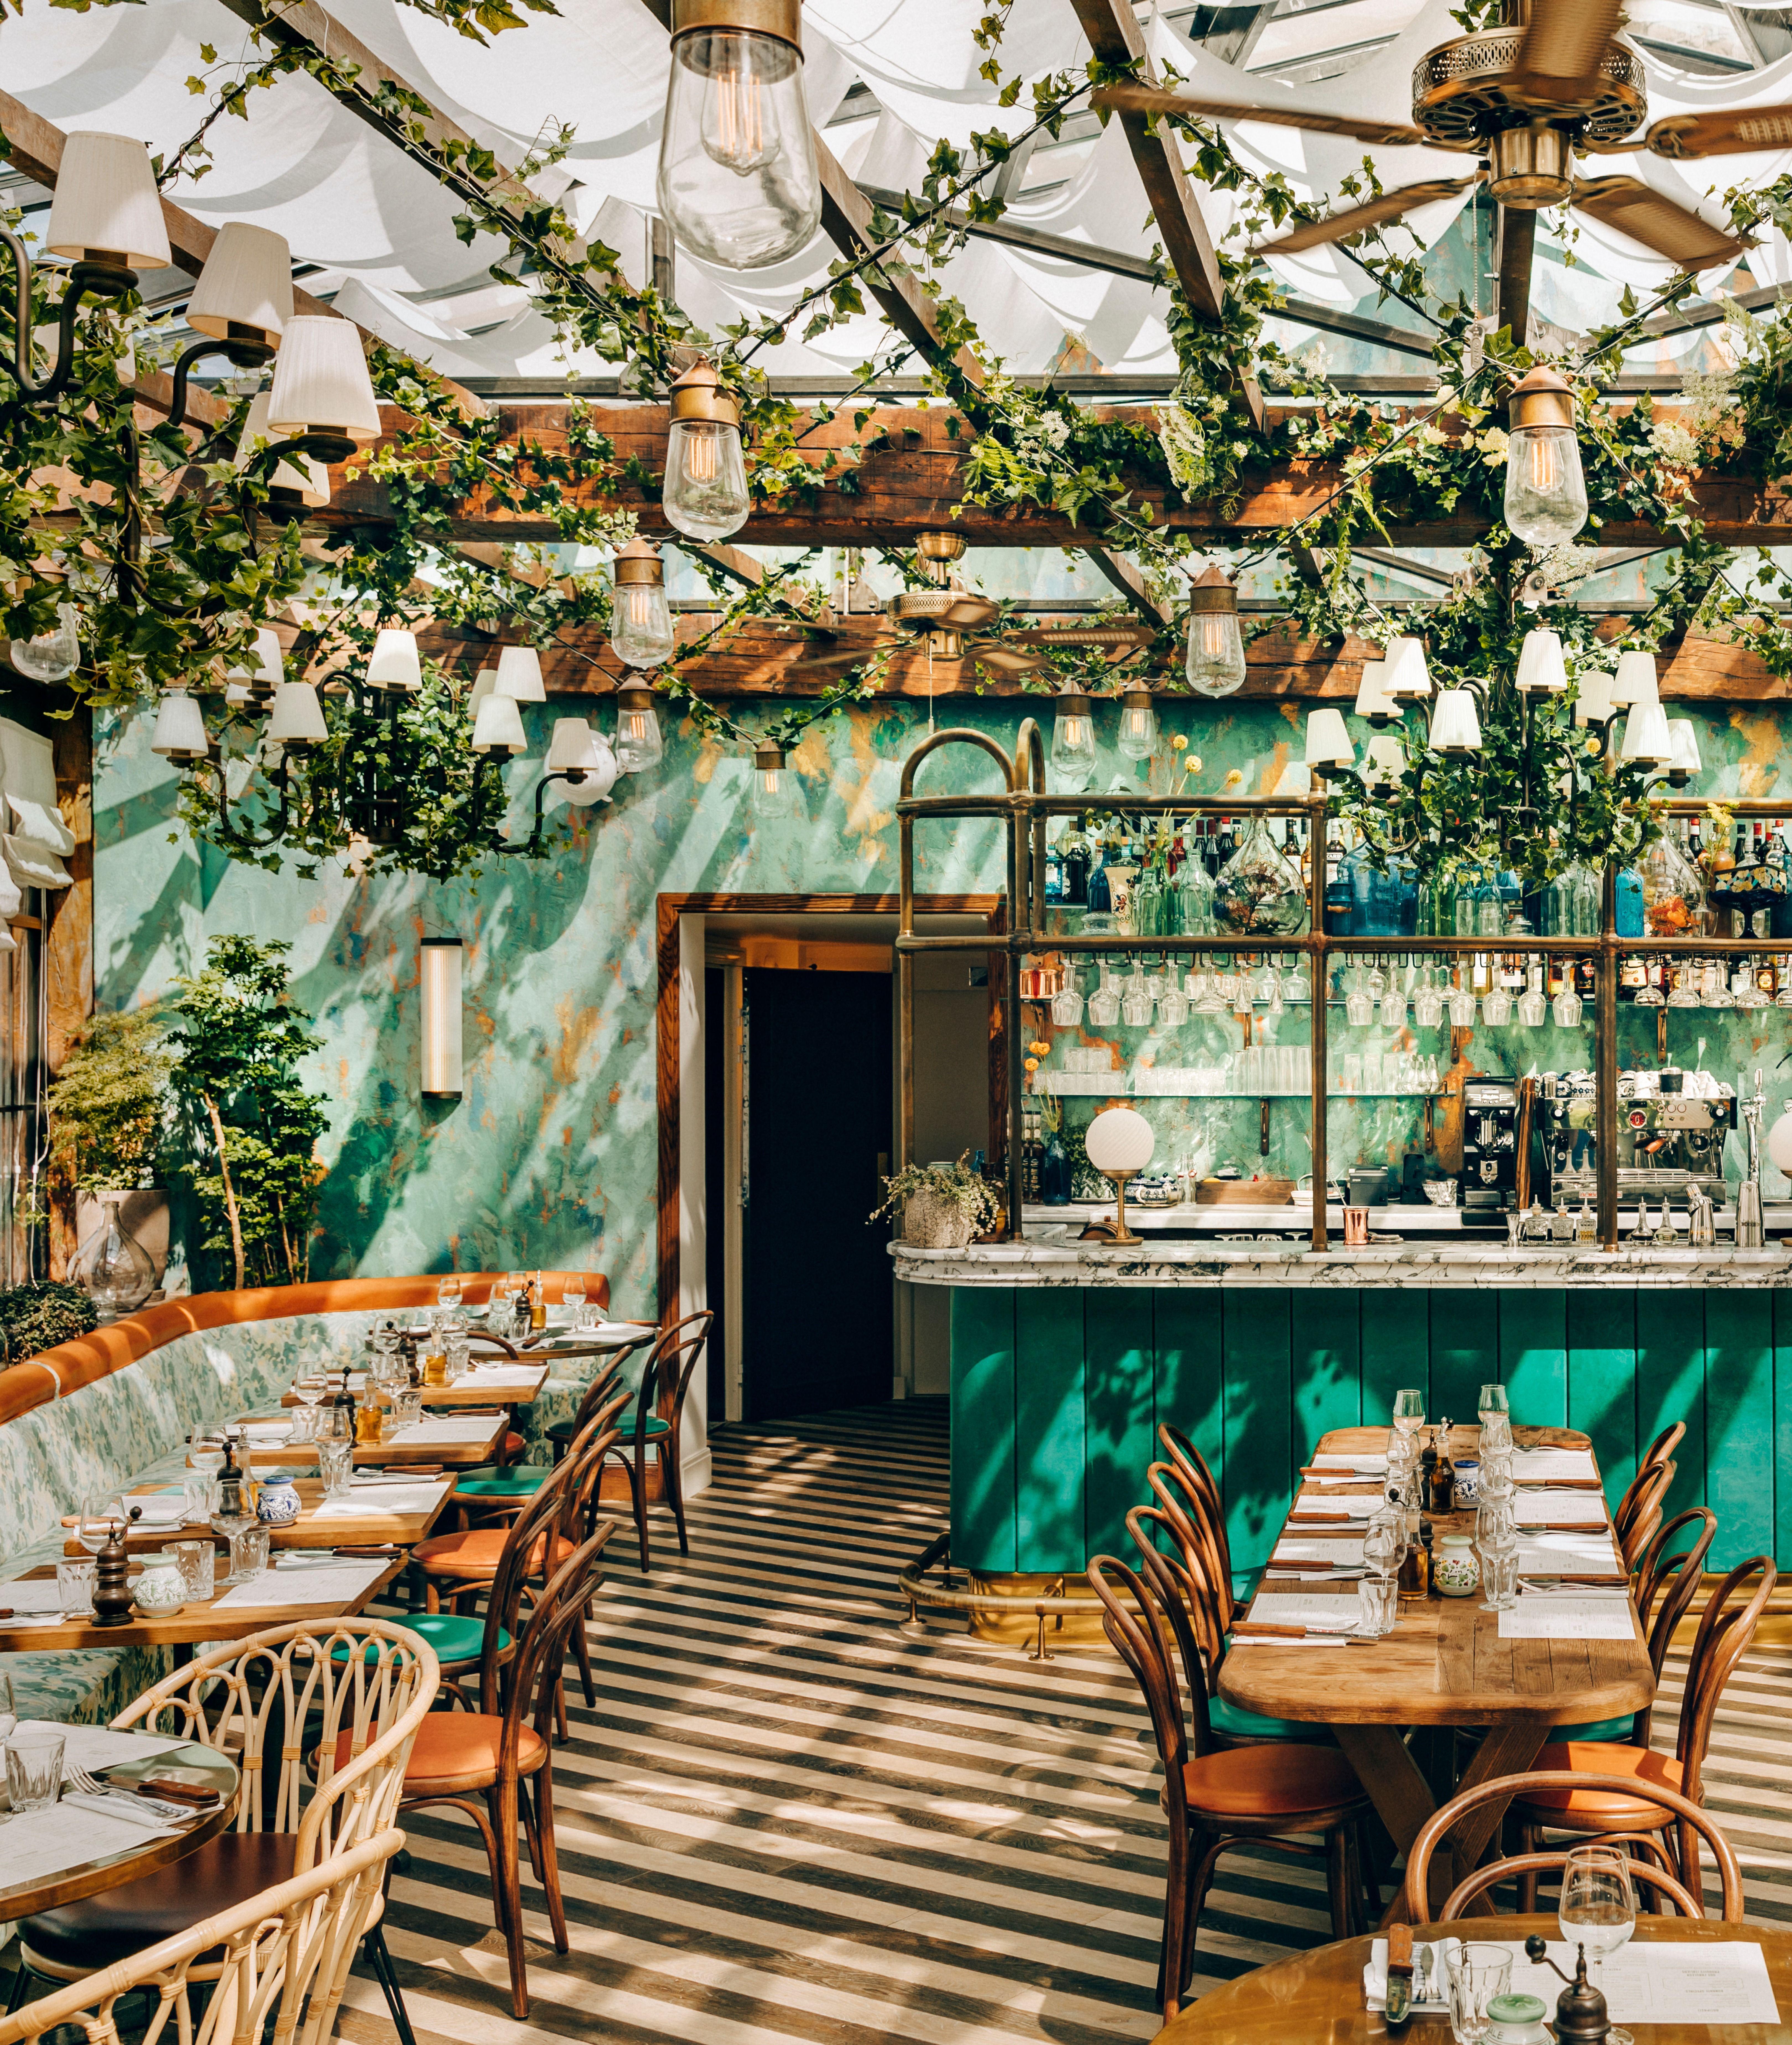 Paris Trois Tables Qui Mettent A L Honneur Le Meilleur De L Italie Page 2 Of 3 Ideat Design Interieur Restaurant Idee Deco Restaurant Design De Cafe